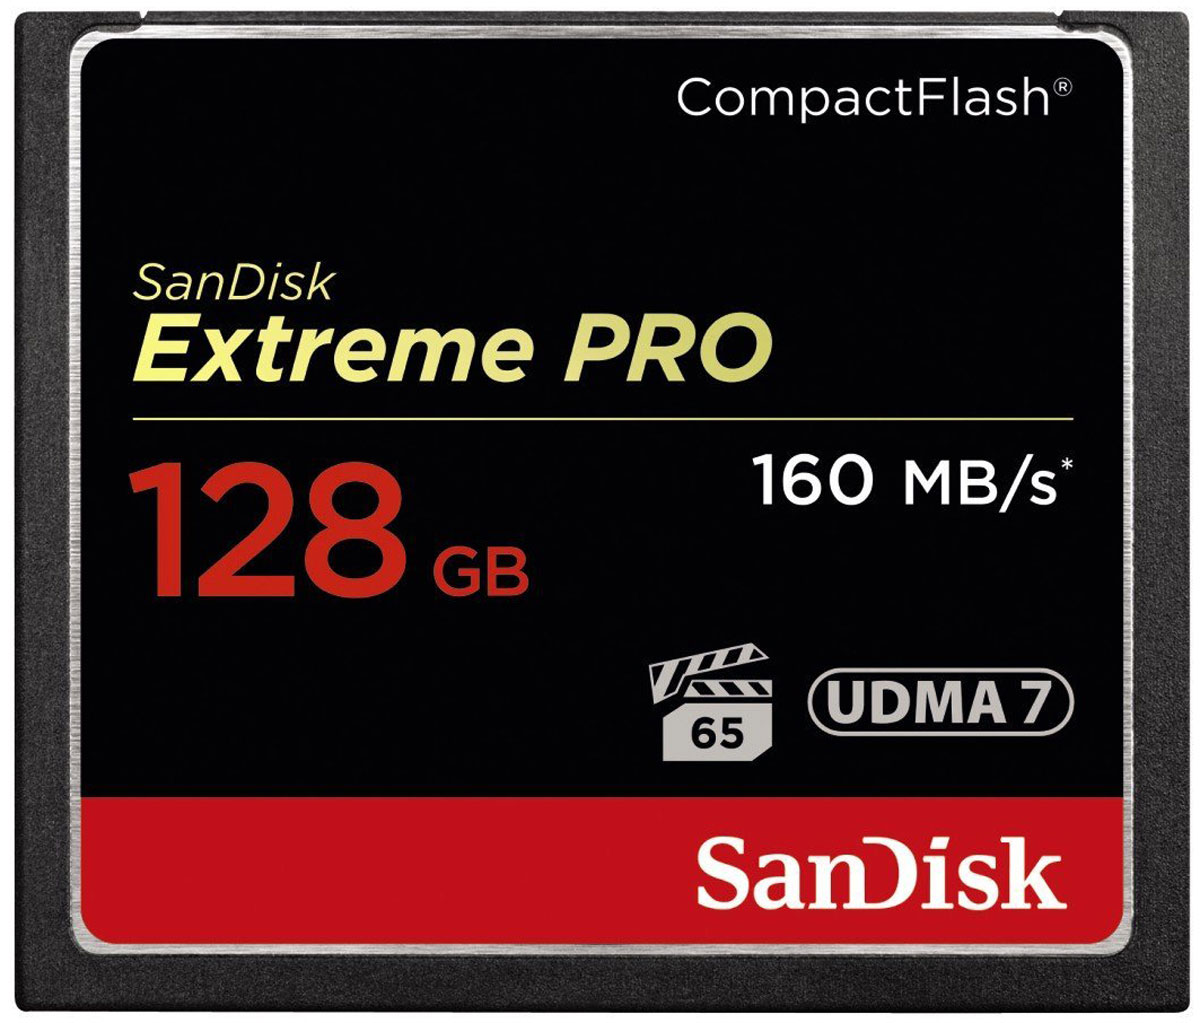 SanDisk Extreme Pro CompactFlash 128GB карта памятиSDCFXPS-128G-X46Карты памяти SanDisk Extreme PRO CompactFlash — это большая емкость, высокая скорость съемки и видео кинематографического качества. Благодаря скорости передачи данных до 160 МБ/с эта карта обеспечивает высокую скорость обработки файлов, которую вы можете ожидать от ведущего мирового лидера по производству карт флеш-памяти. Эта карта памяти, занимающая лидирующие позиции в отрасли, оптимизирована для профессиональной видеосъемки с минимальной устойчивой скоростью записи 65 МБ/с для видео высокого разрешения 4K и Full HD. Емкость 128 ГБ позволяет записать несколько часов видео и тысячи фотографий высокого разрешения. Для того чтобы вы никогда не пропустили важную сцену или кадр, эта карта памяти устойчива к экстремальным температурам, ударам и другим воздействиям.Карта памяти SanDisk Extreme PRO CompactFlash является первой в мире картой высокой емкости, которая поддерживает VPG-655, а гарантия производительности видео (VPG) обеспечивает надежность и последовательность записи видео в форматах 4K и Full HD. Рабочие характеристики этой карты памяти способны удовлетворить самых требовательных профессионалов, которым необходимо высочайшее качество видеозаписи.Карта памяти Extreme PRO CompactFlash, оптимизированная для видеосъемки в формате 4K, обеспечивает минимальную устойчивую скорость записи 65 МБ/с рекордной пиковой скоростью записи снимков до 150 МБ/с. Скорость передачи данных до 160 МБ/с позволяет с легкостью перемещать для хранения и редактирования даже большие файлы. Эта карта памяти также поддерживает стандарт UDMA 7.Благодаря высокой надежности и быстродействию этой карты памяти вы сможете снимать быстрее, работать продуктивнее, а также эффективнее использовать такие современные функции, как съемка нескольких кадров в секунду и непрерывная серийная съемка.Карты памяти SanDisk Extreme PRO CompactFlash способны работать при температурах от –25 до +85 °C, что позволяет записывать видео в формате Ful